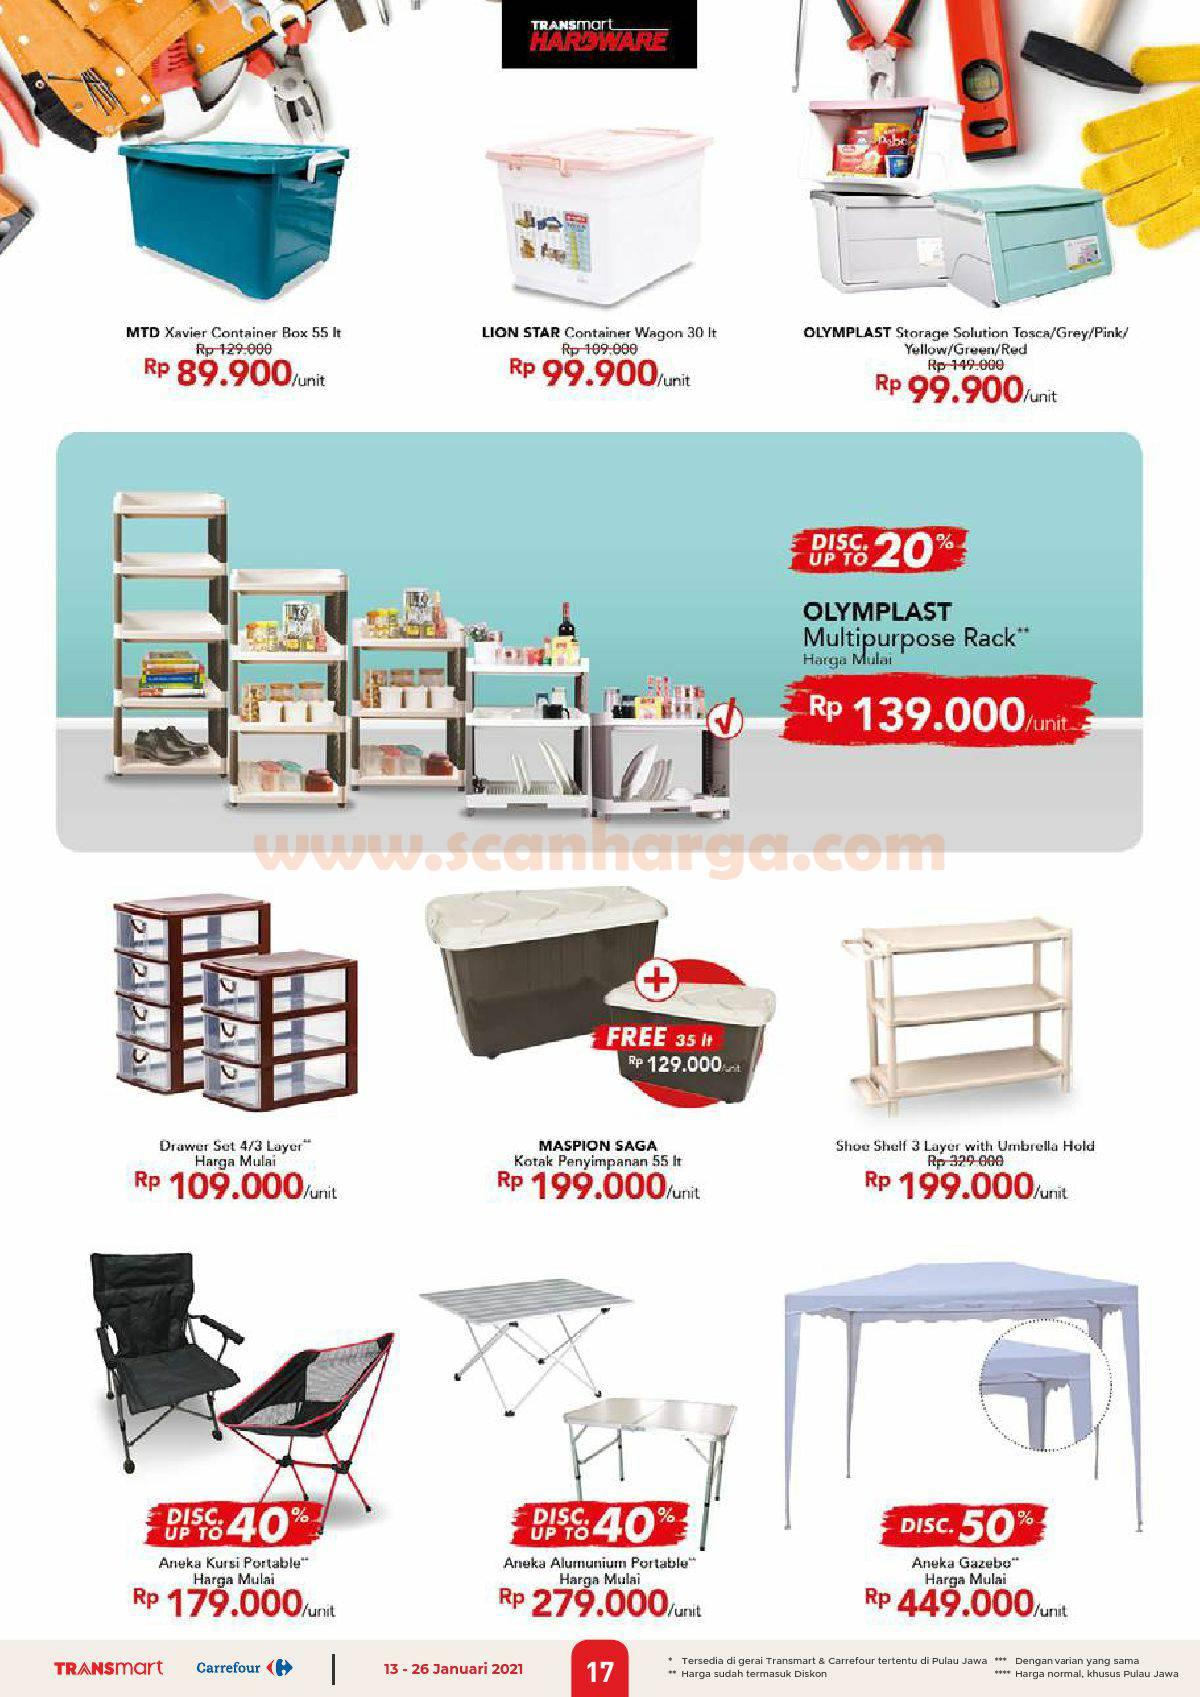 Katalog Promo Carrefour Transmart 13 - 26 Januari 2021 17